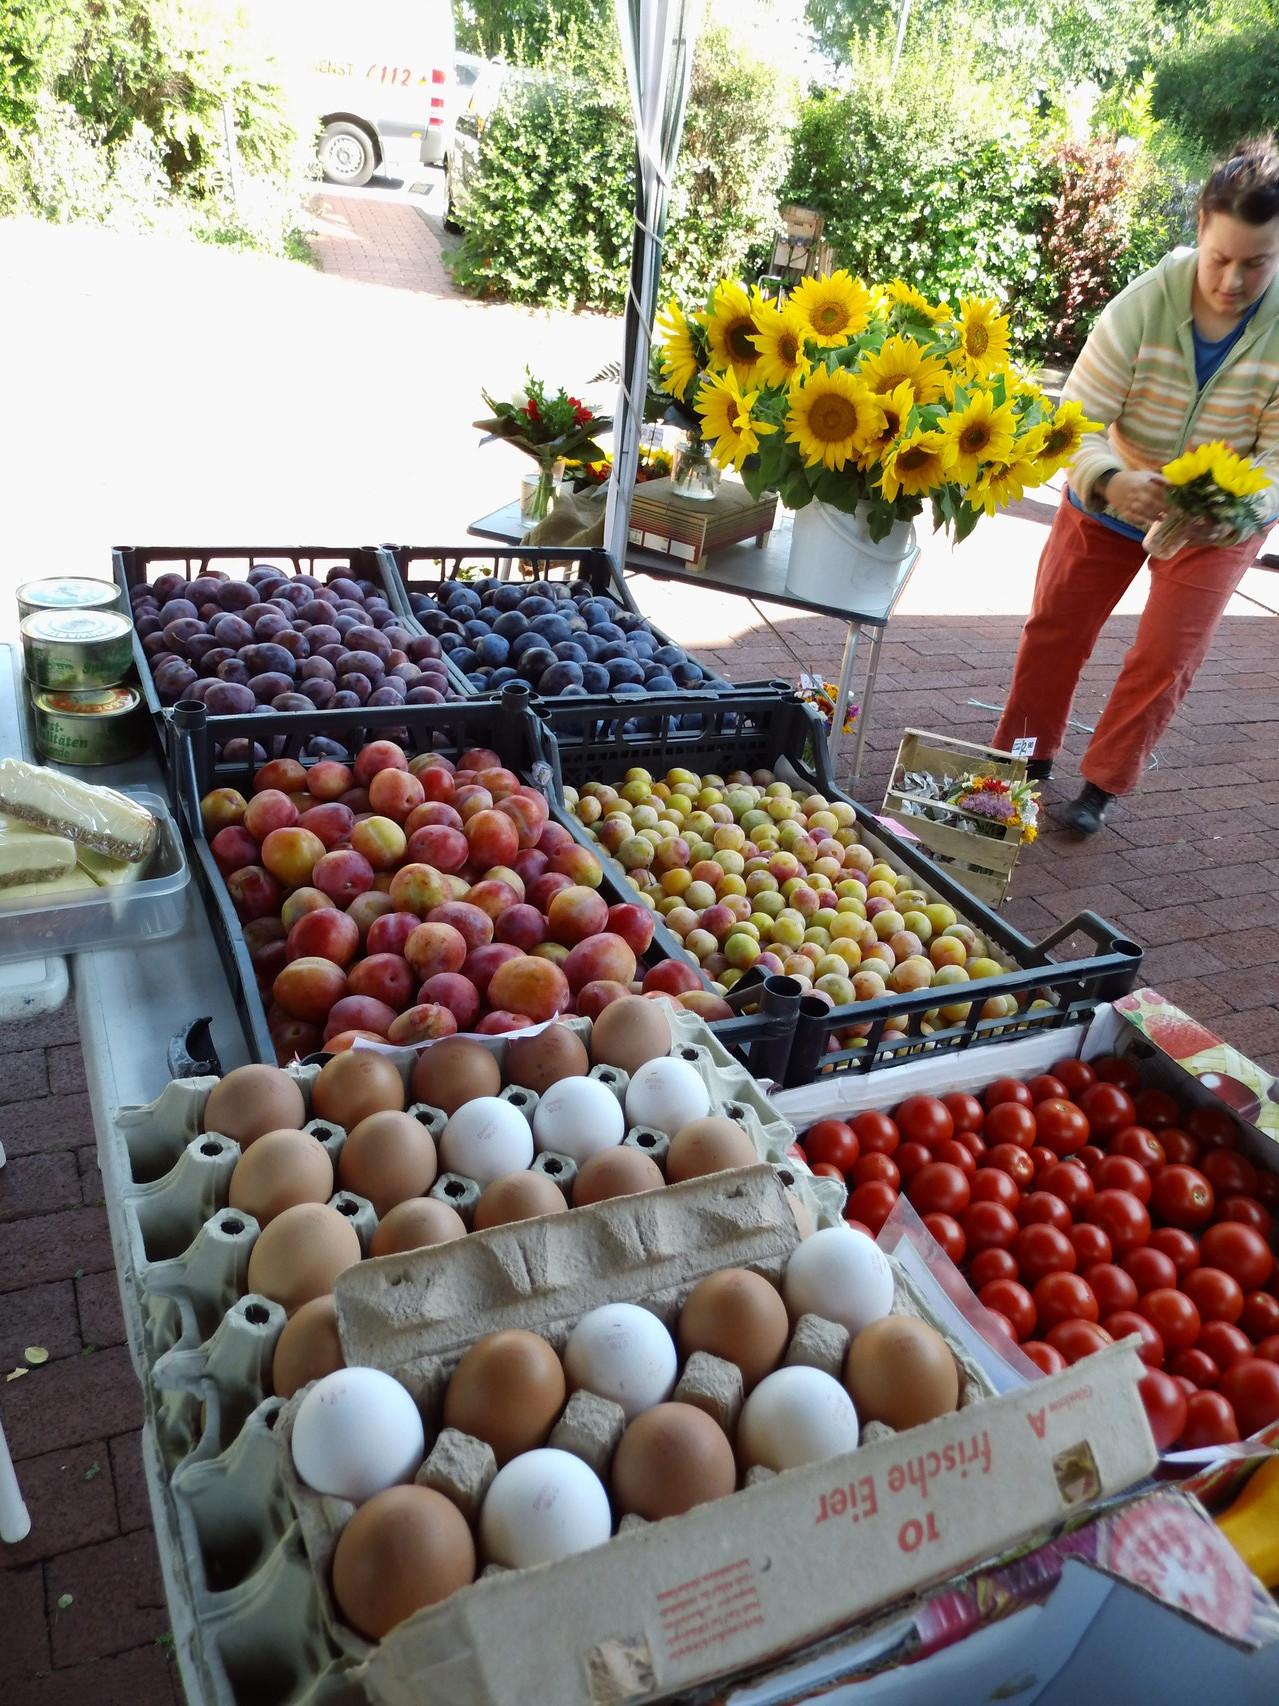 Marktstand mit unseren frischen Freiland-Eiern u. eigenem Obst